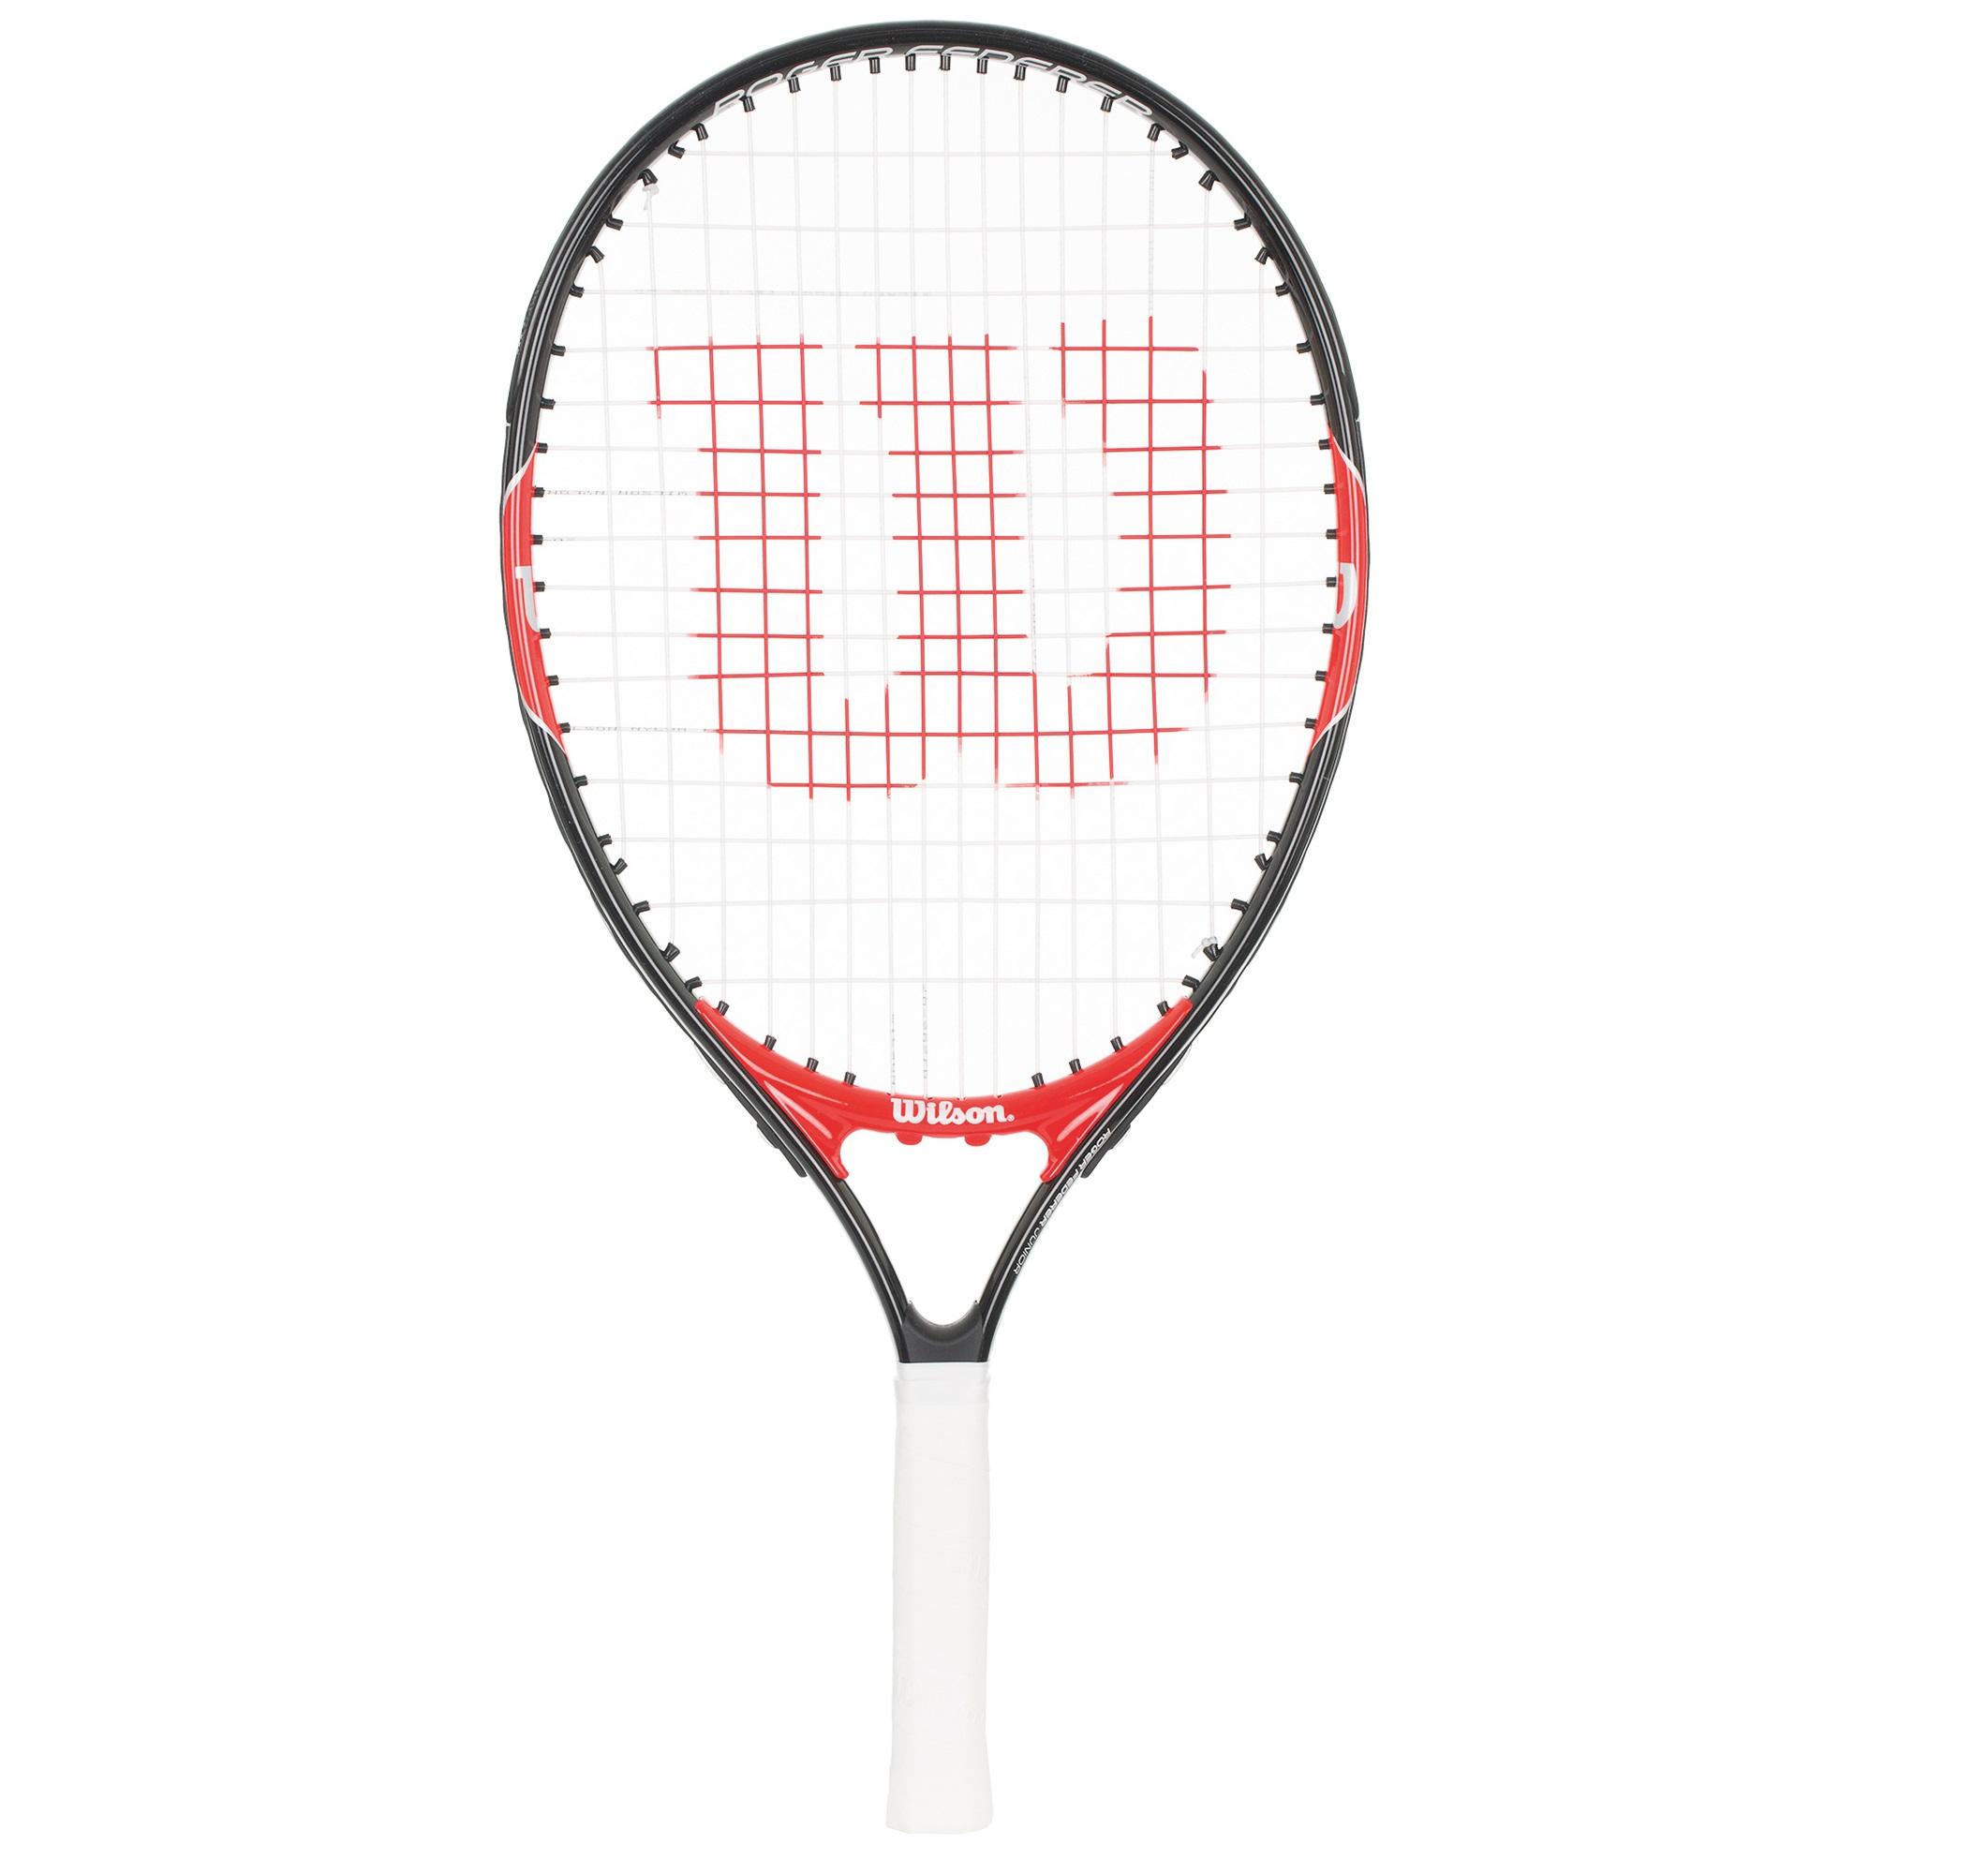 Wilson Ракетка для большого тенниса детская Wilson Roger Federer 21 wilson ракетка для большого тенниса детская wilson roger federer 23 размер без размера